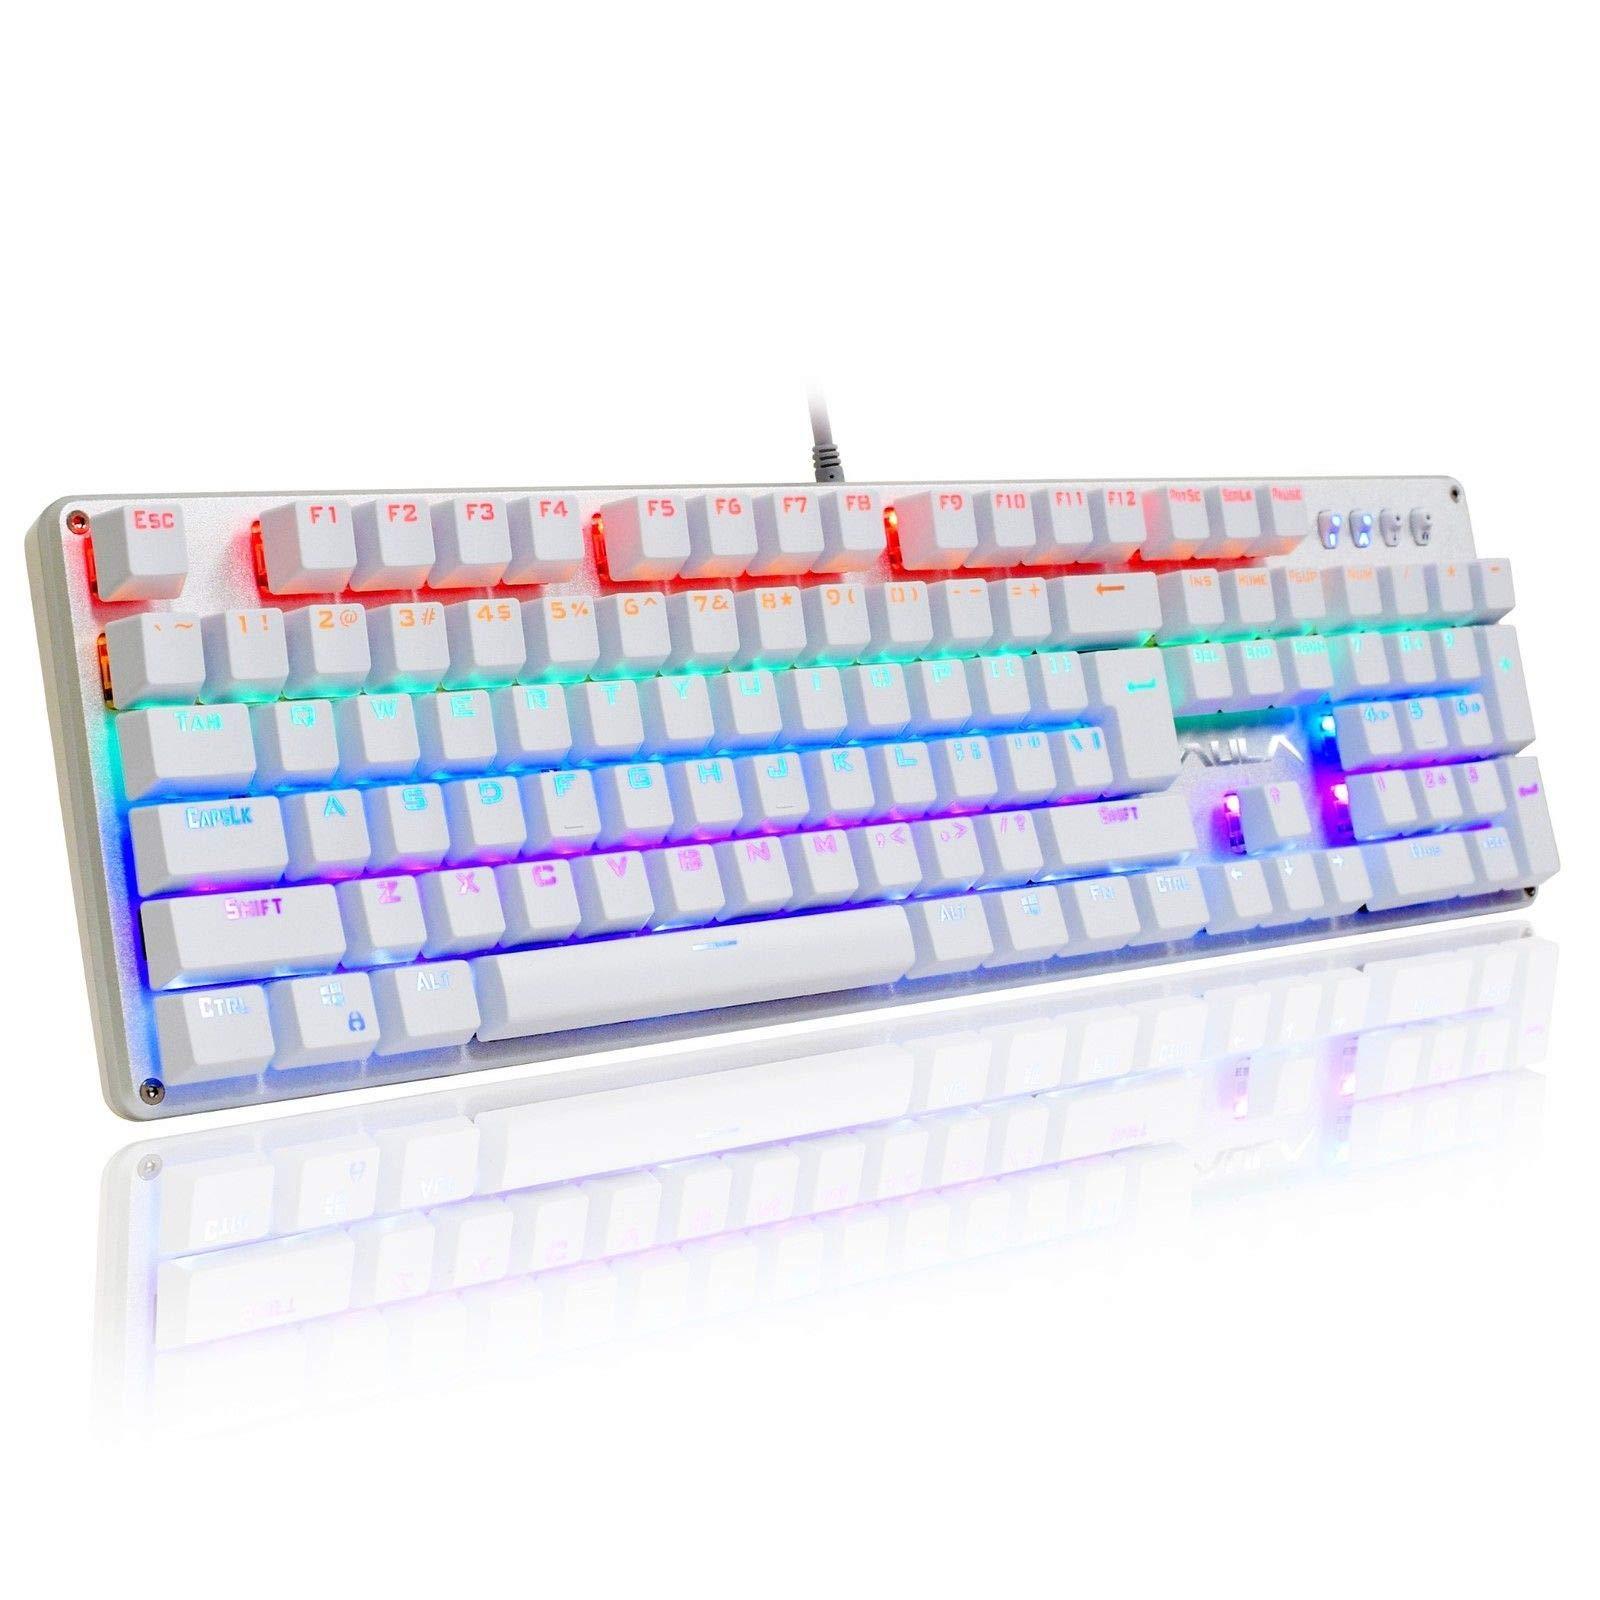 AULA Unicorn Backlit Mechanical Keyboard with Multi-color LED Illuminated Gaming Computer Keyboard, F2010